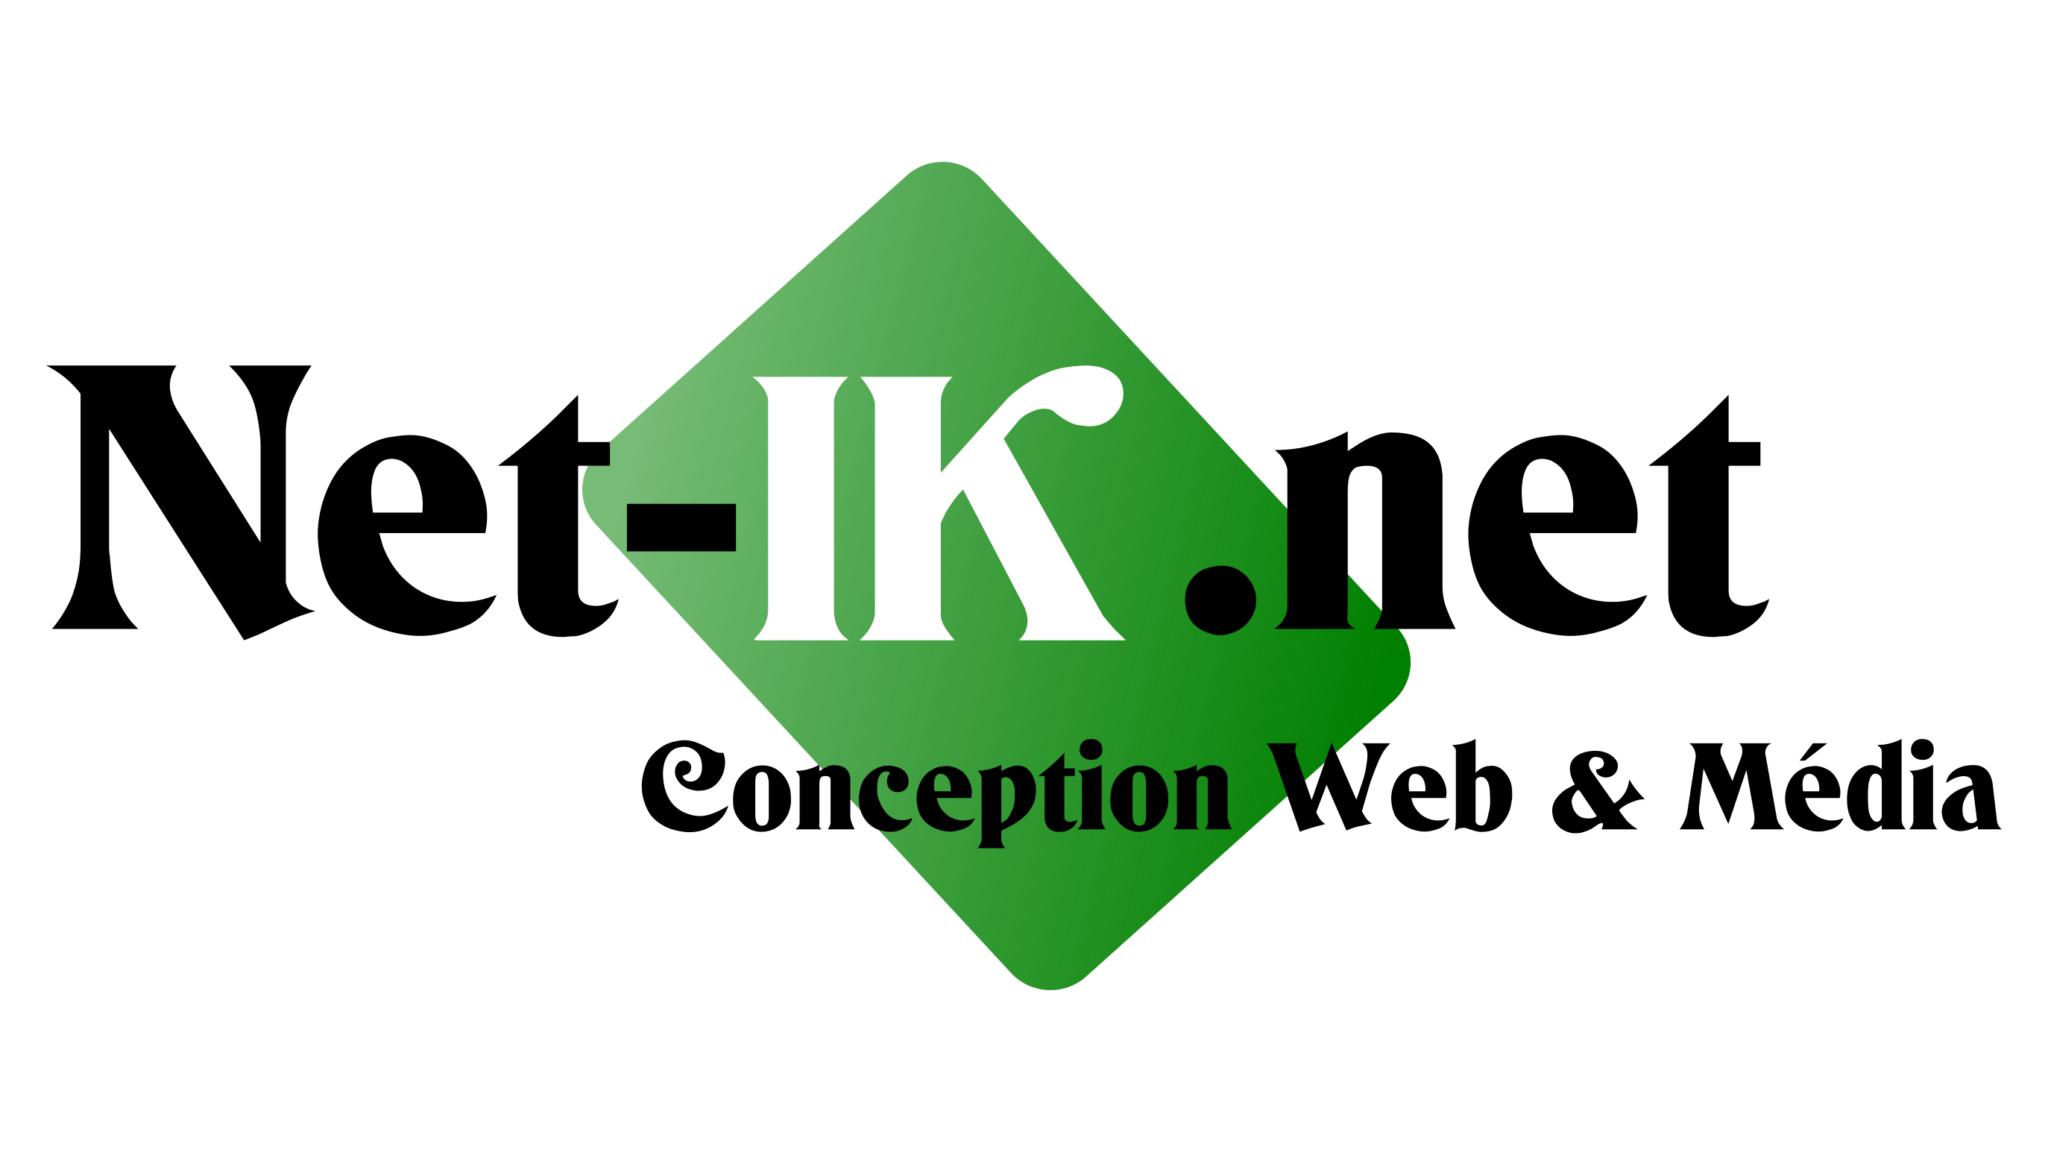 Net-IK.net